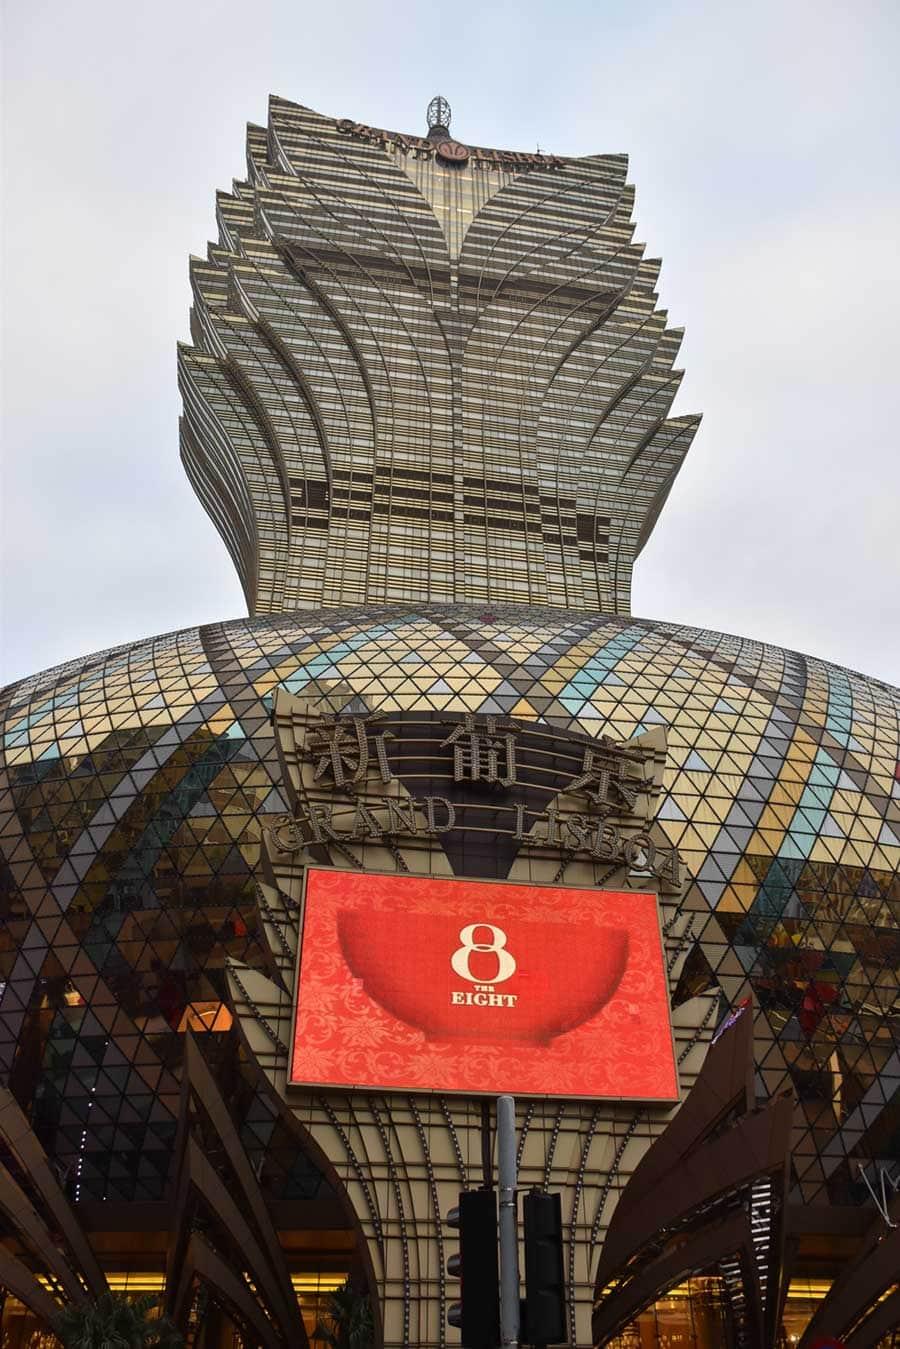 Macau casinos, Grand Lisboa Macau exterior